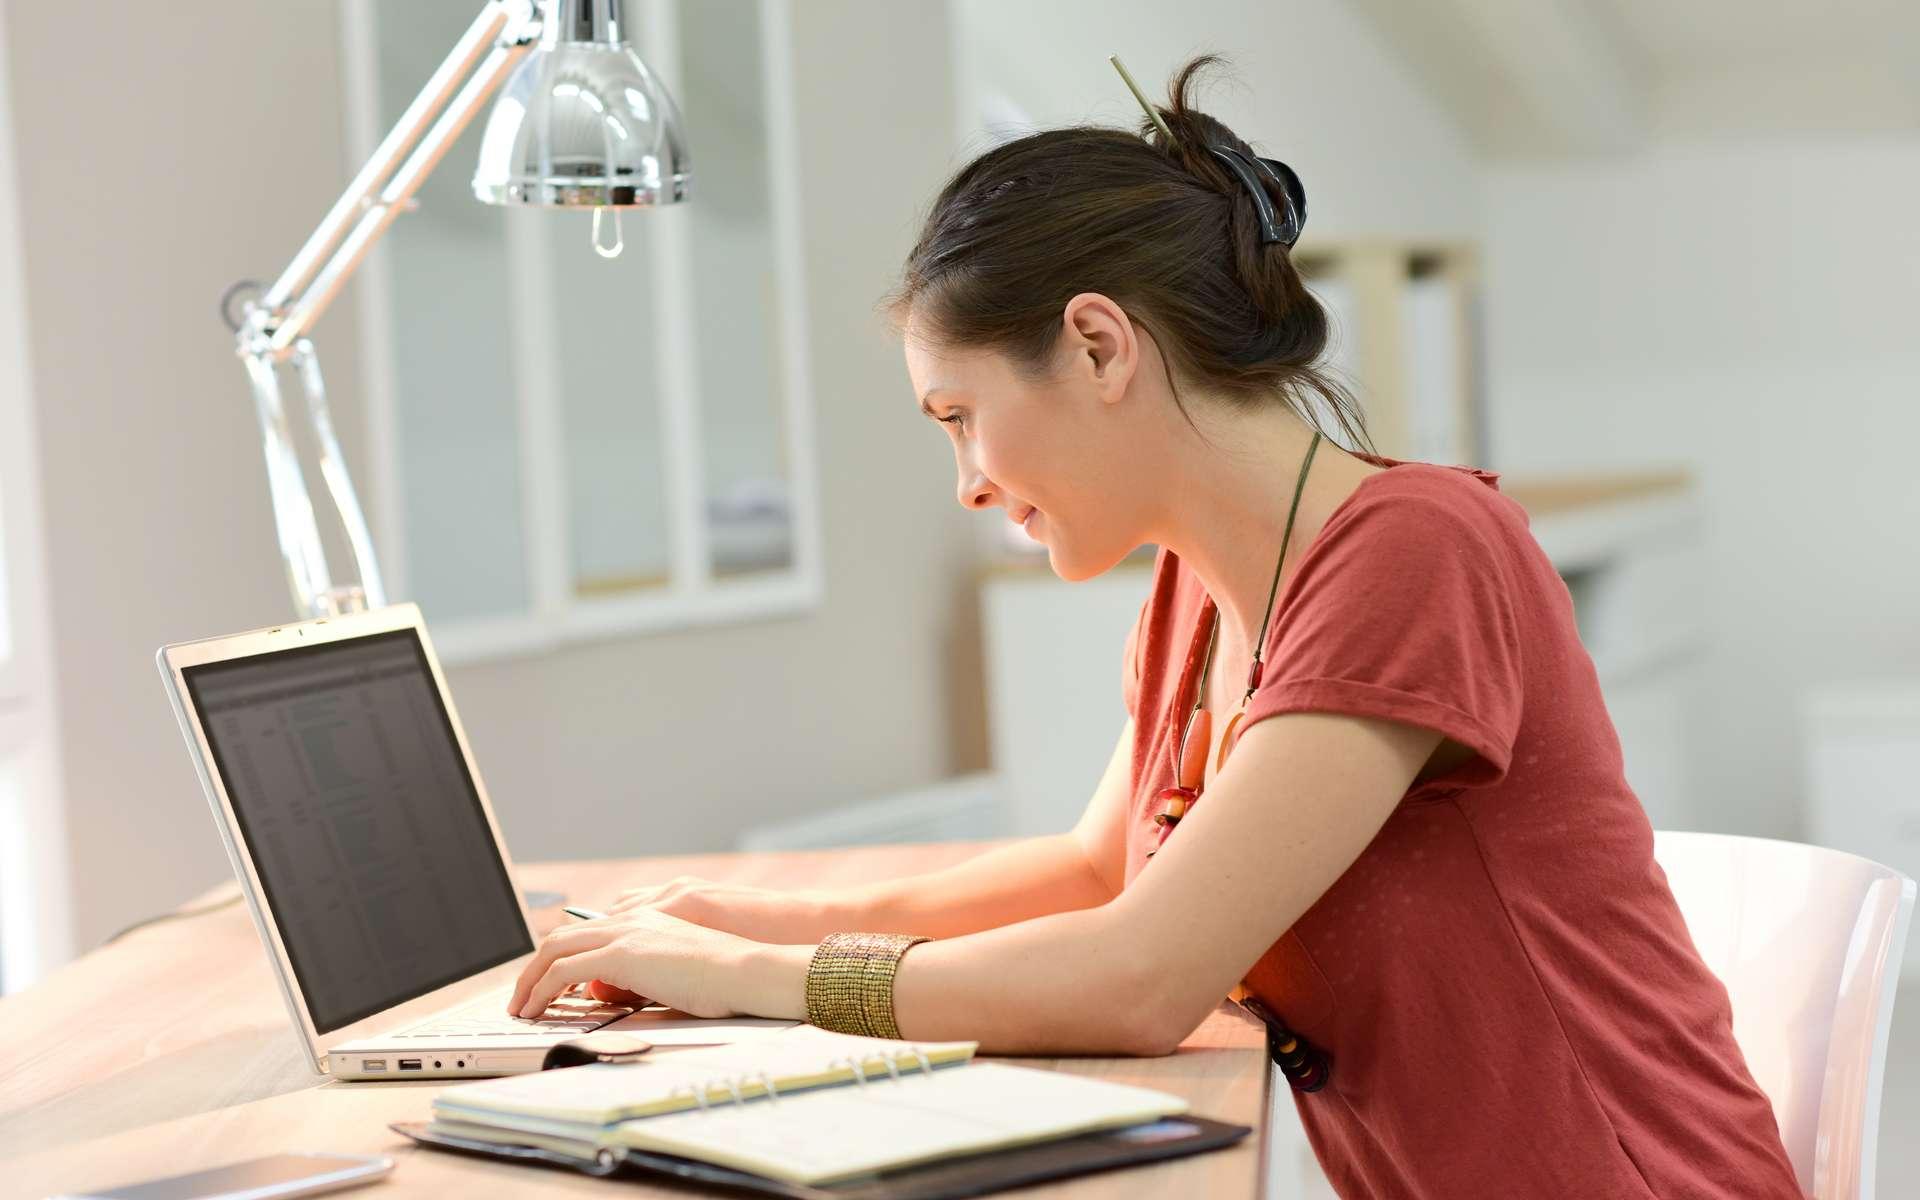 Le statut d'auto-entrepreneur permet de lancer son projet professionnel avec des risques très limités. © goodluz, Adobe Stock.